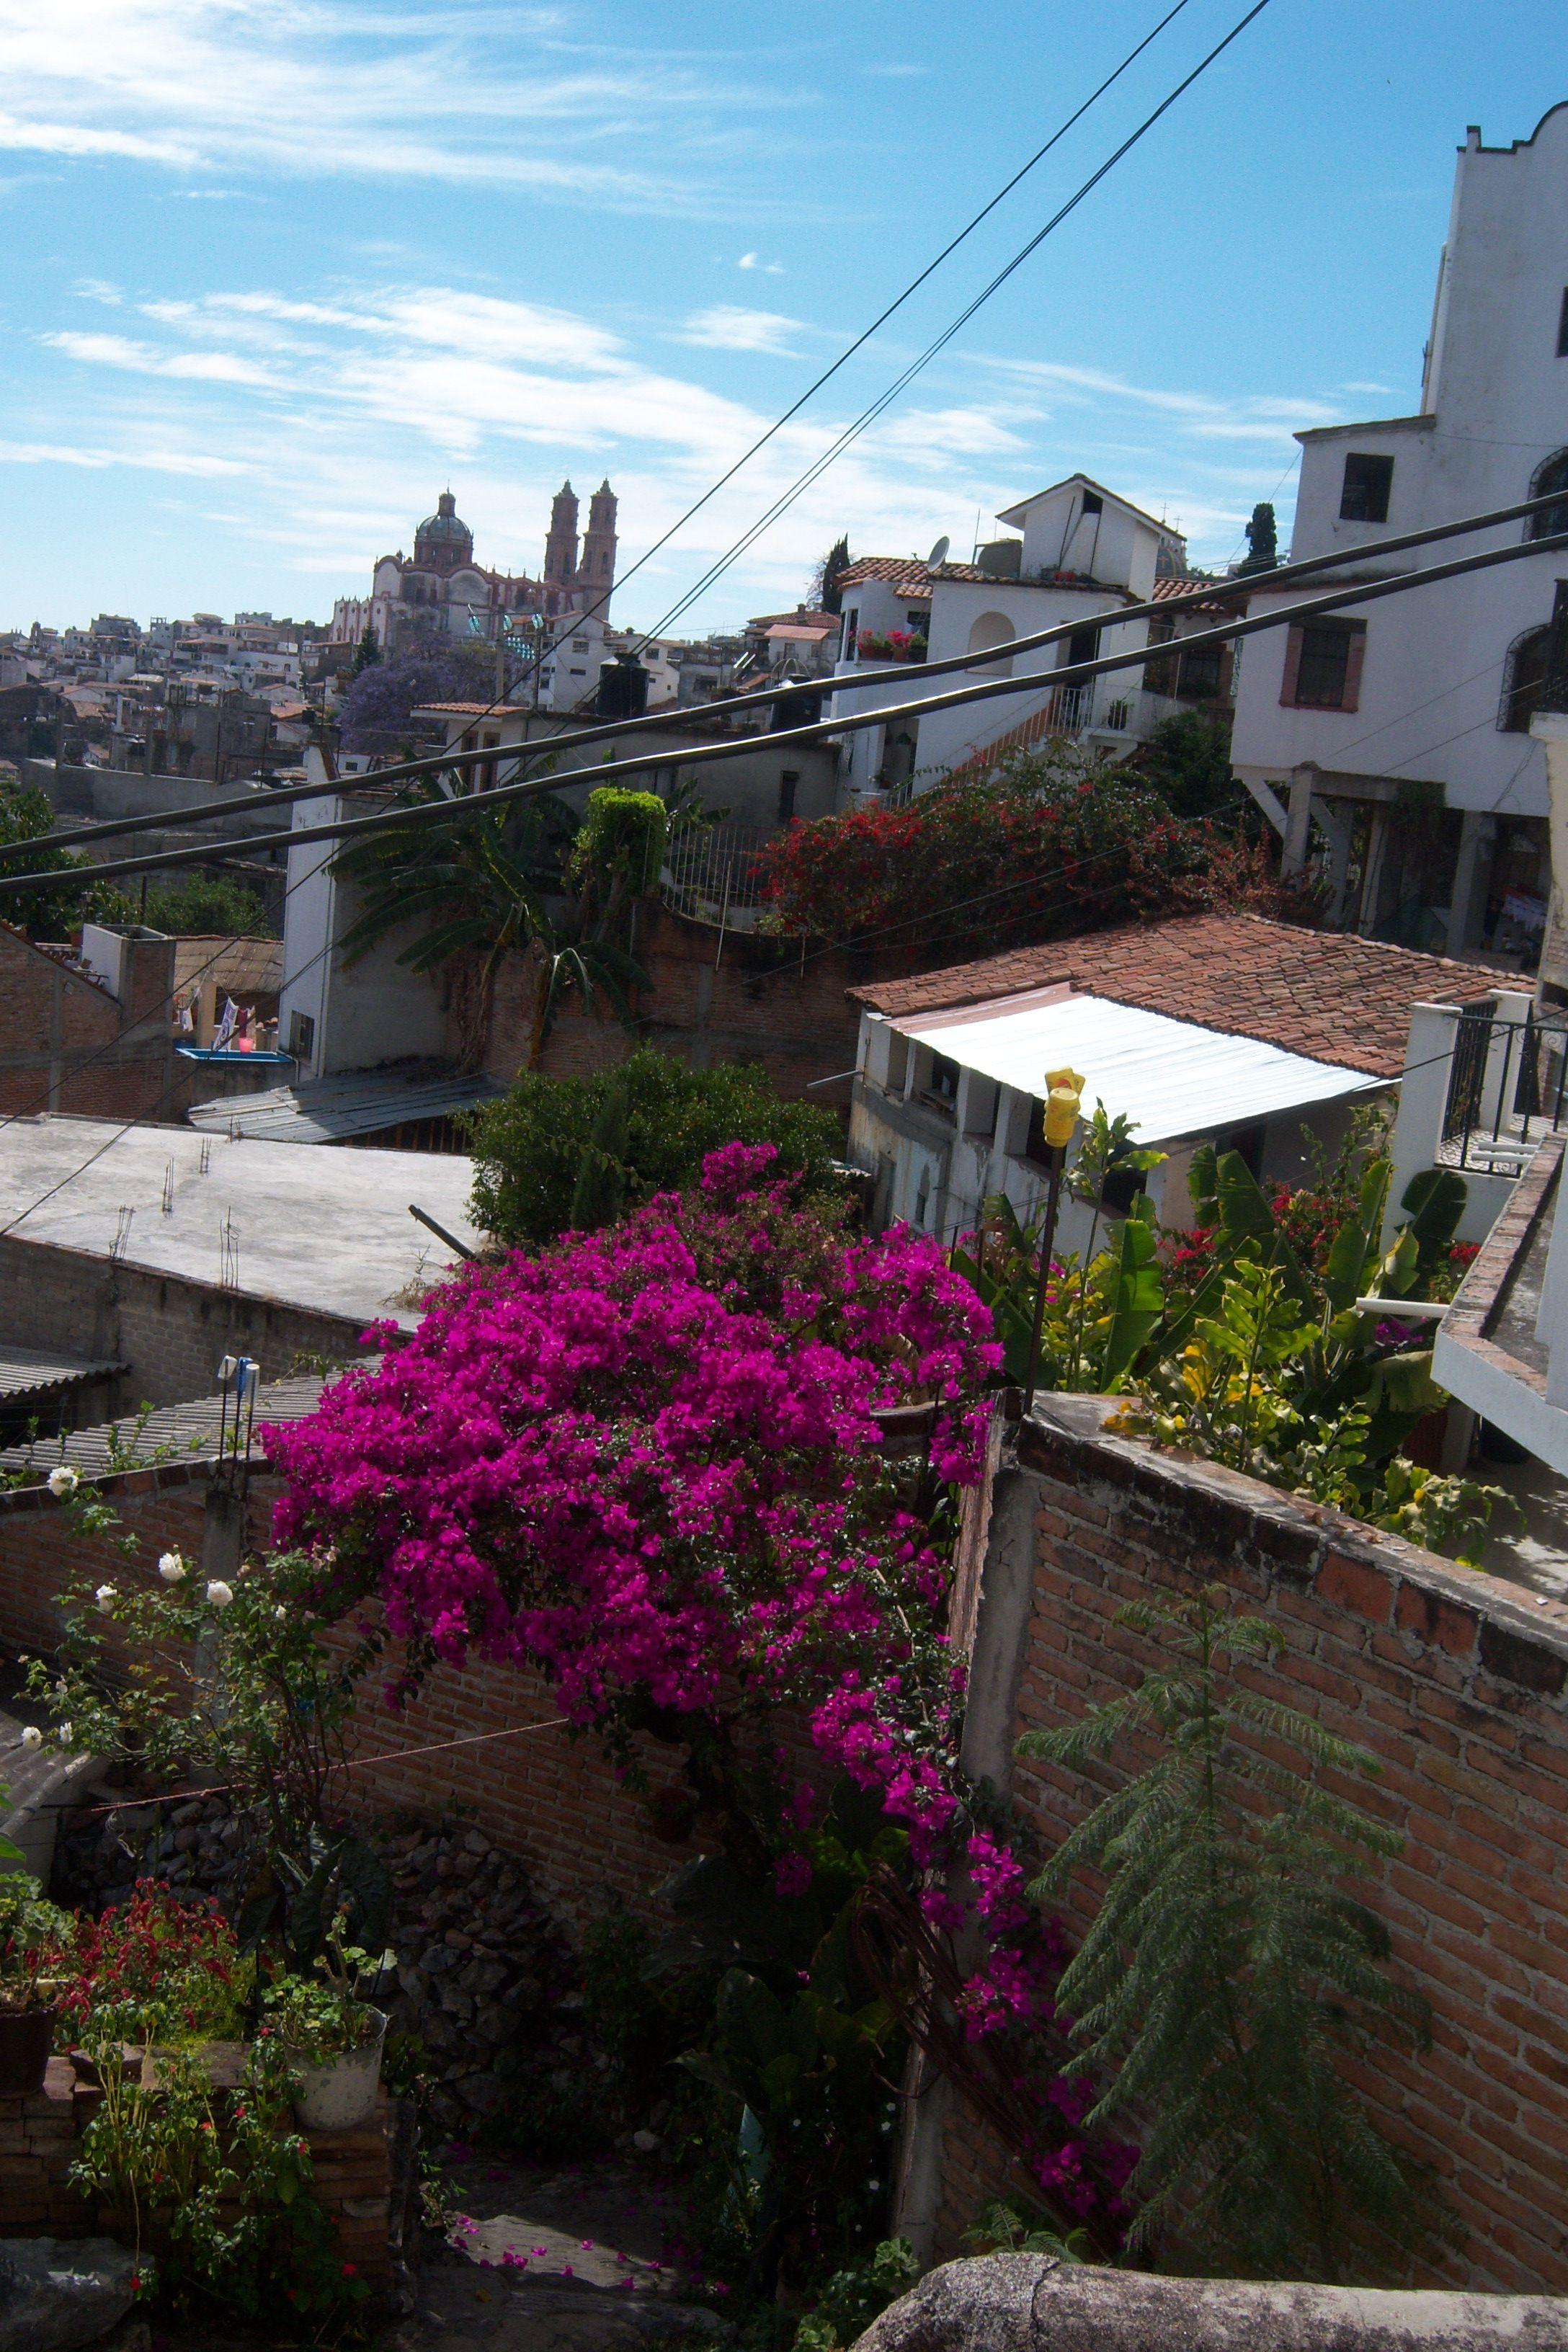 Cuernavaca 1 (Taxco, Morelos, Mexico, Mexico City, La ... |Cuernavaca Morelos Mexico